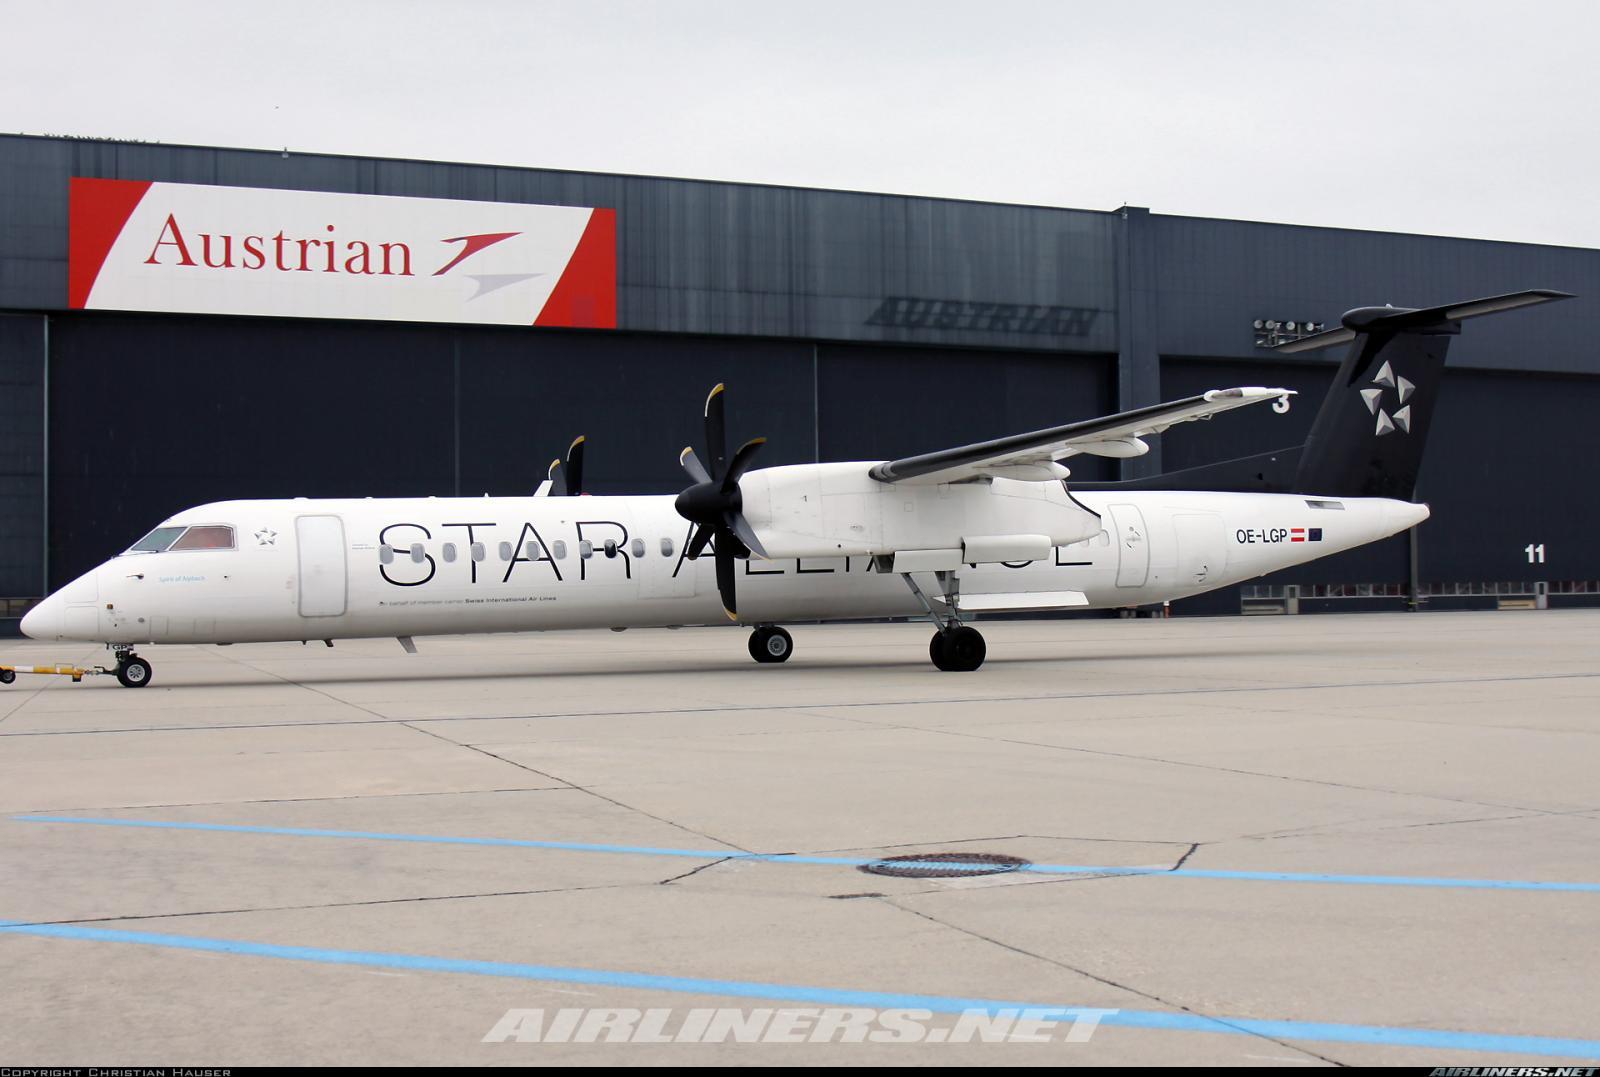 FJS Dash 8 Q400 Star Alliance - Airplane Development Notices - X